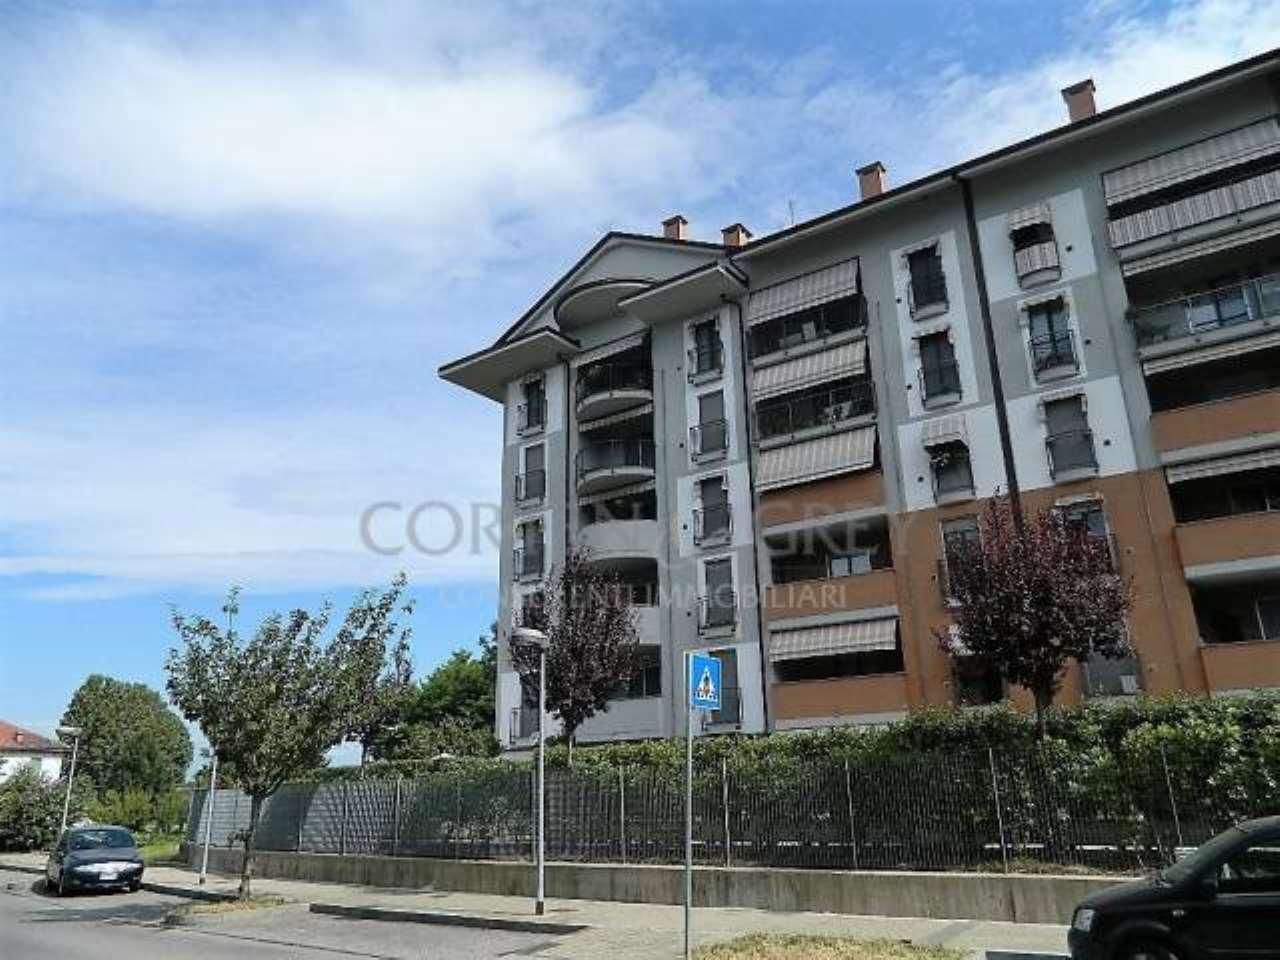 Appartamento in vendita a San Mauro Torinese, 4 locali, prezzo € 215.000 | CambioCasa.it